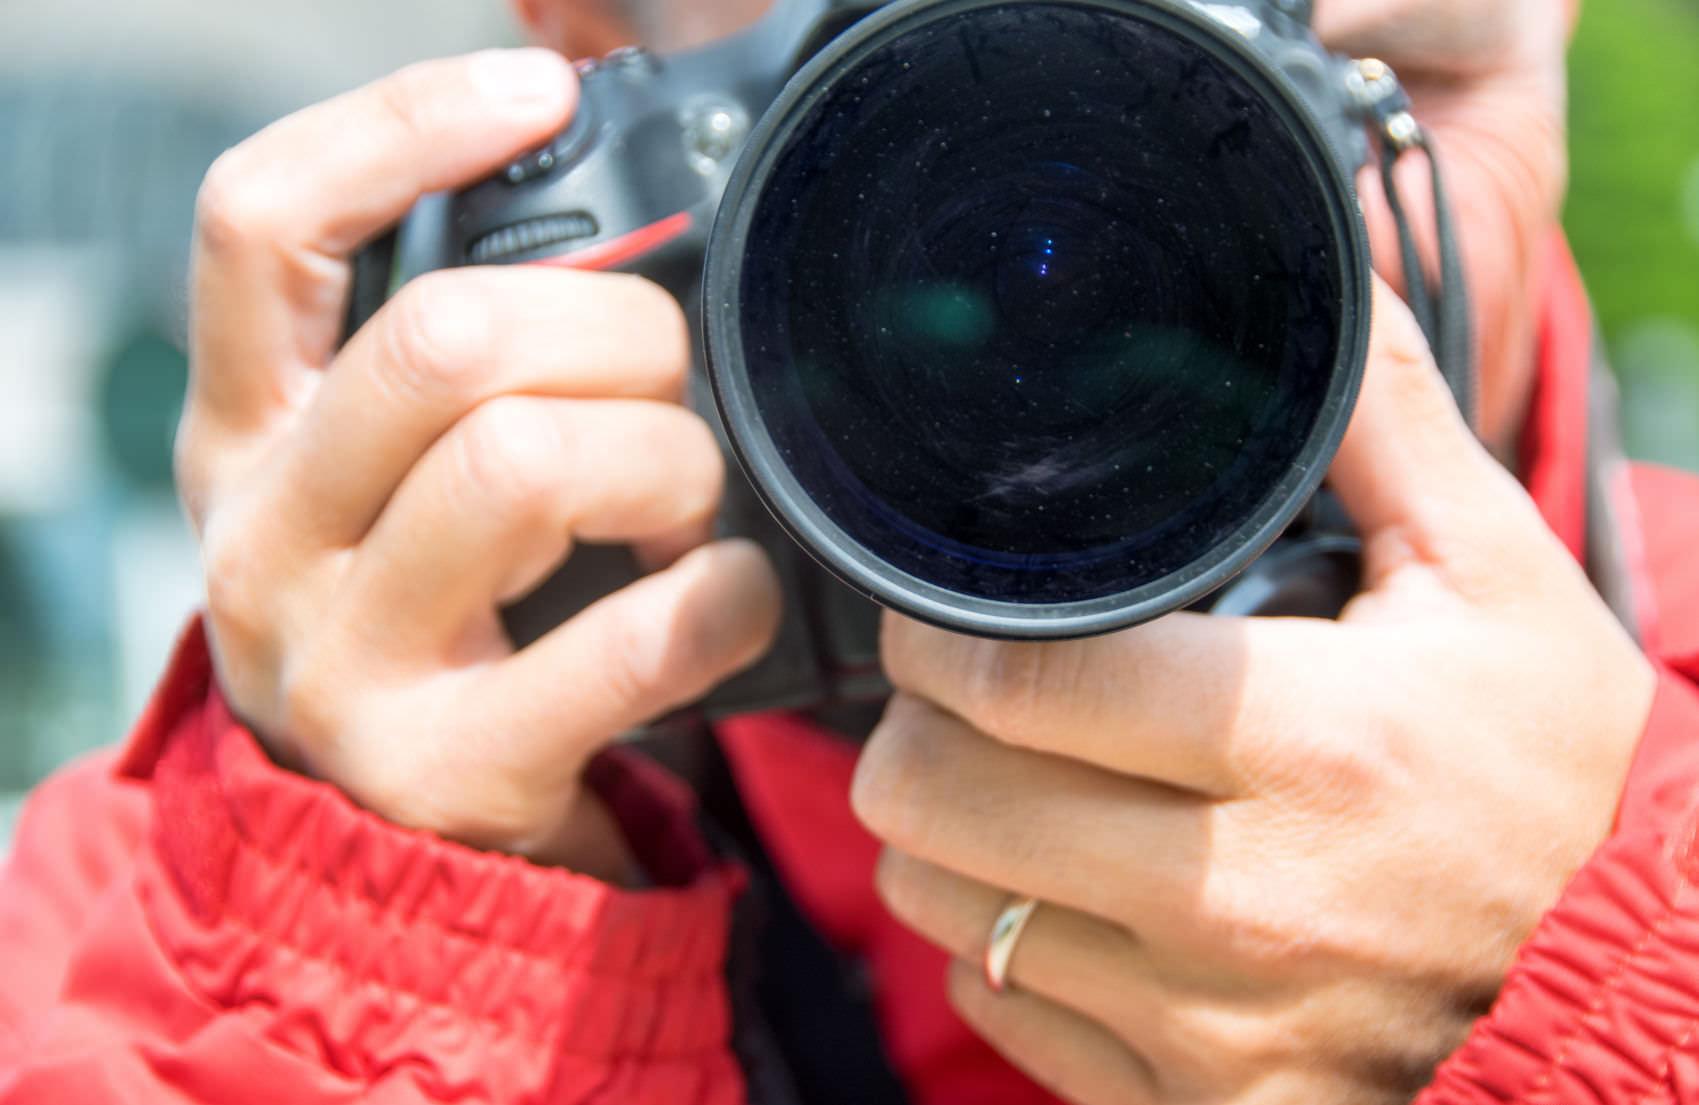 Come fare il passaggio da appassionato a fotografo